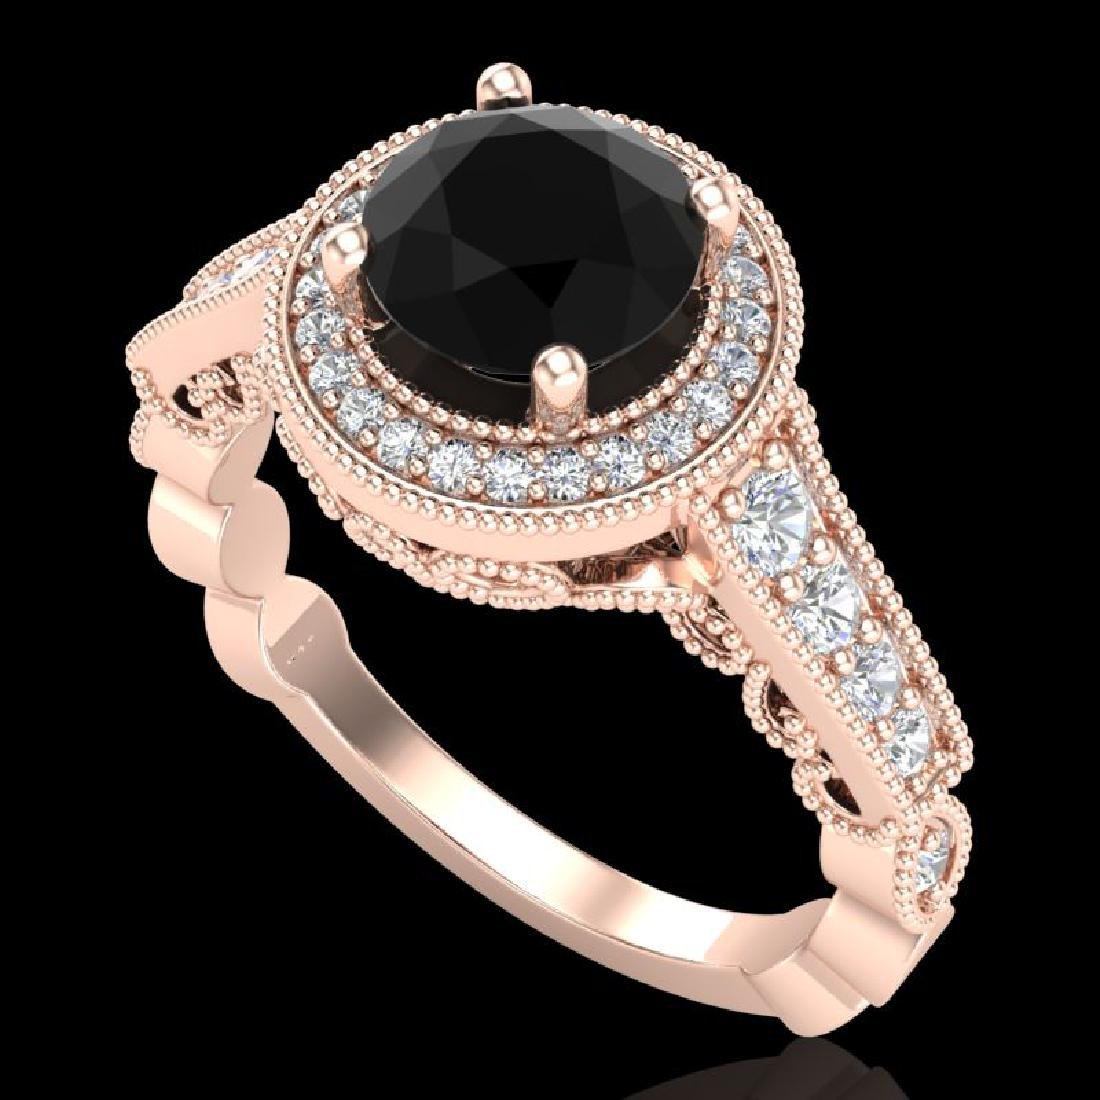 1.91 CTW Fancy Black Diamond Solitaire Engagement Art